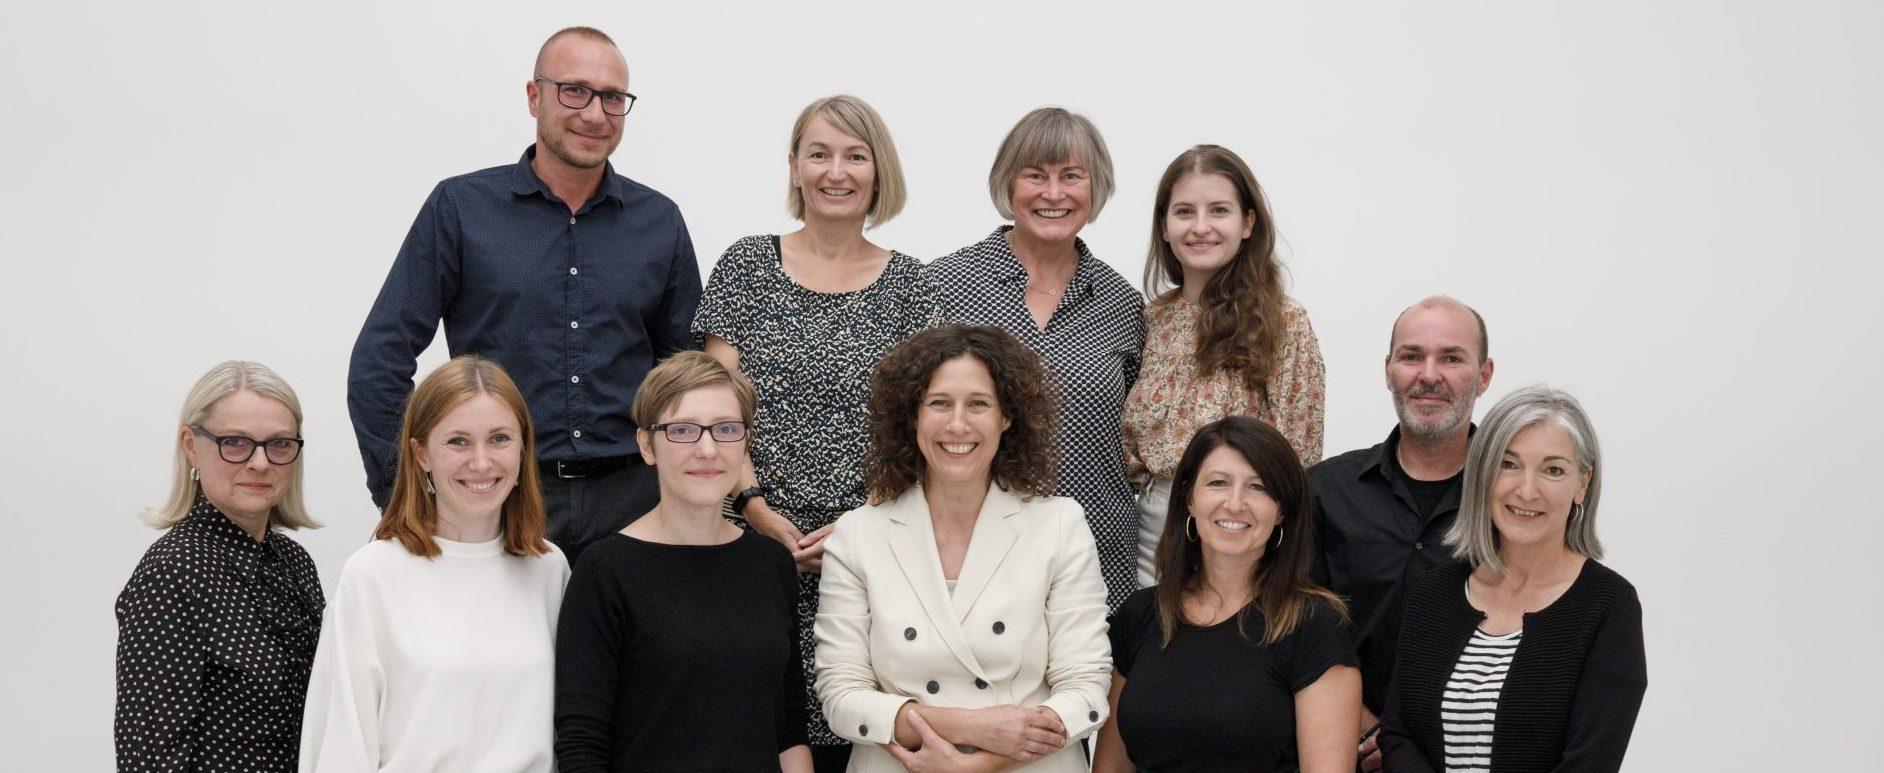 Dr. Nicole Fritz (Mitte) und das Team der Kunsthalle Tübingen. Foto: Wynrich Zlomke